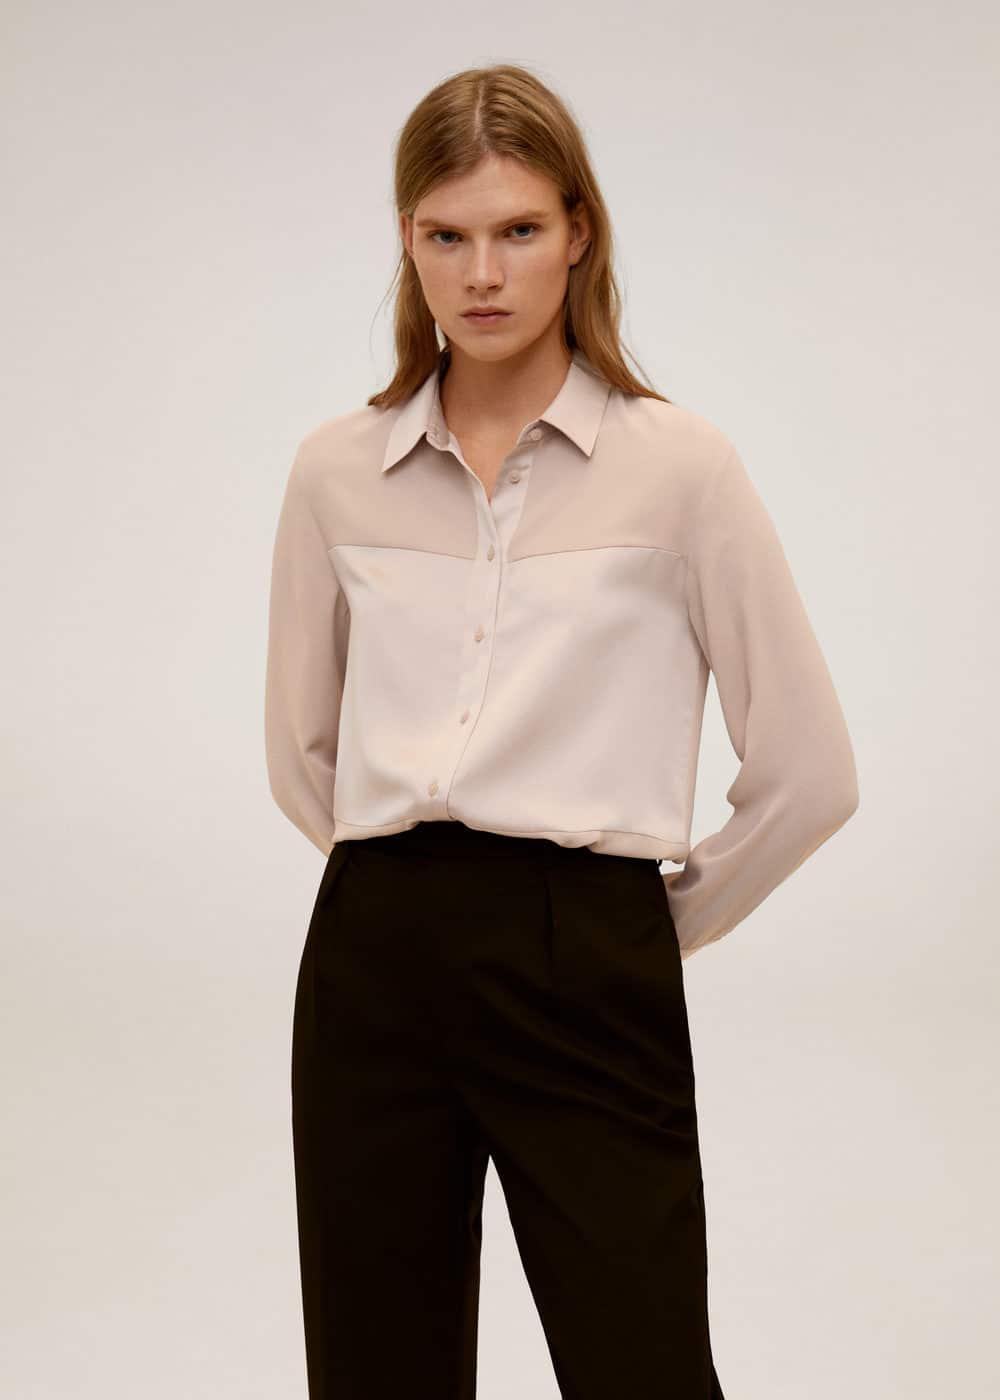 Струящаяся рубашка с атласным блеском - Рубашки - Женская | Mango МАНГО Россия (Российская Федерация)